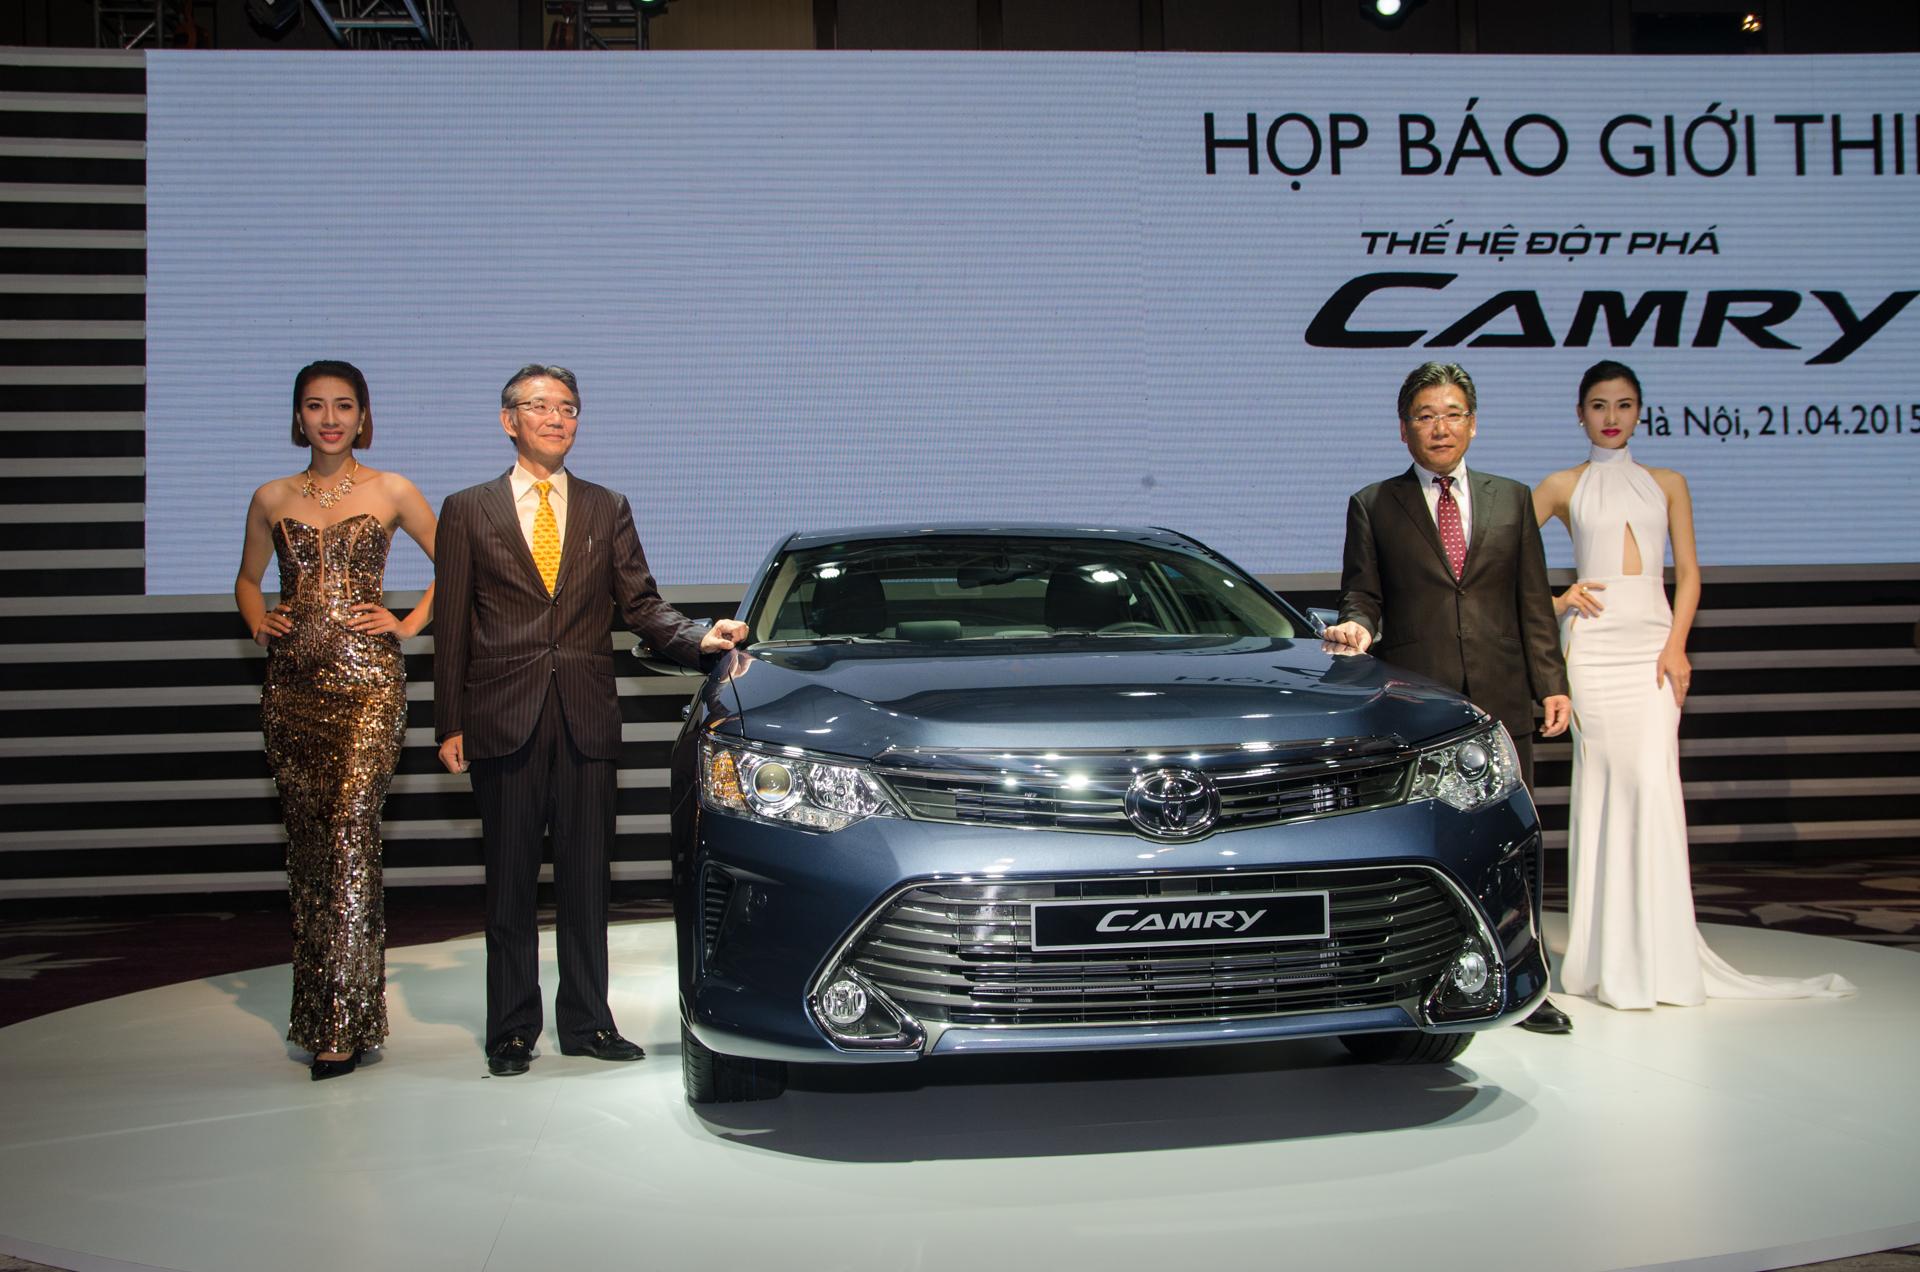 Toyota Camry 2015 ra mắt, giá cạnh tranh từ 1,08 tỷ đồng 1